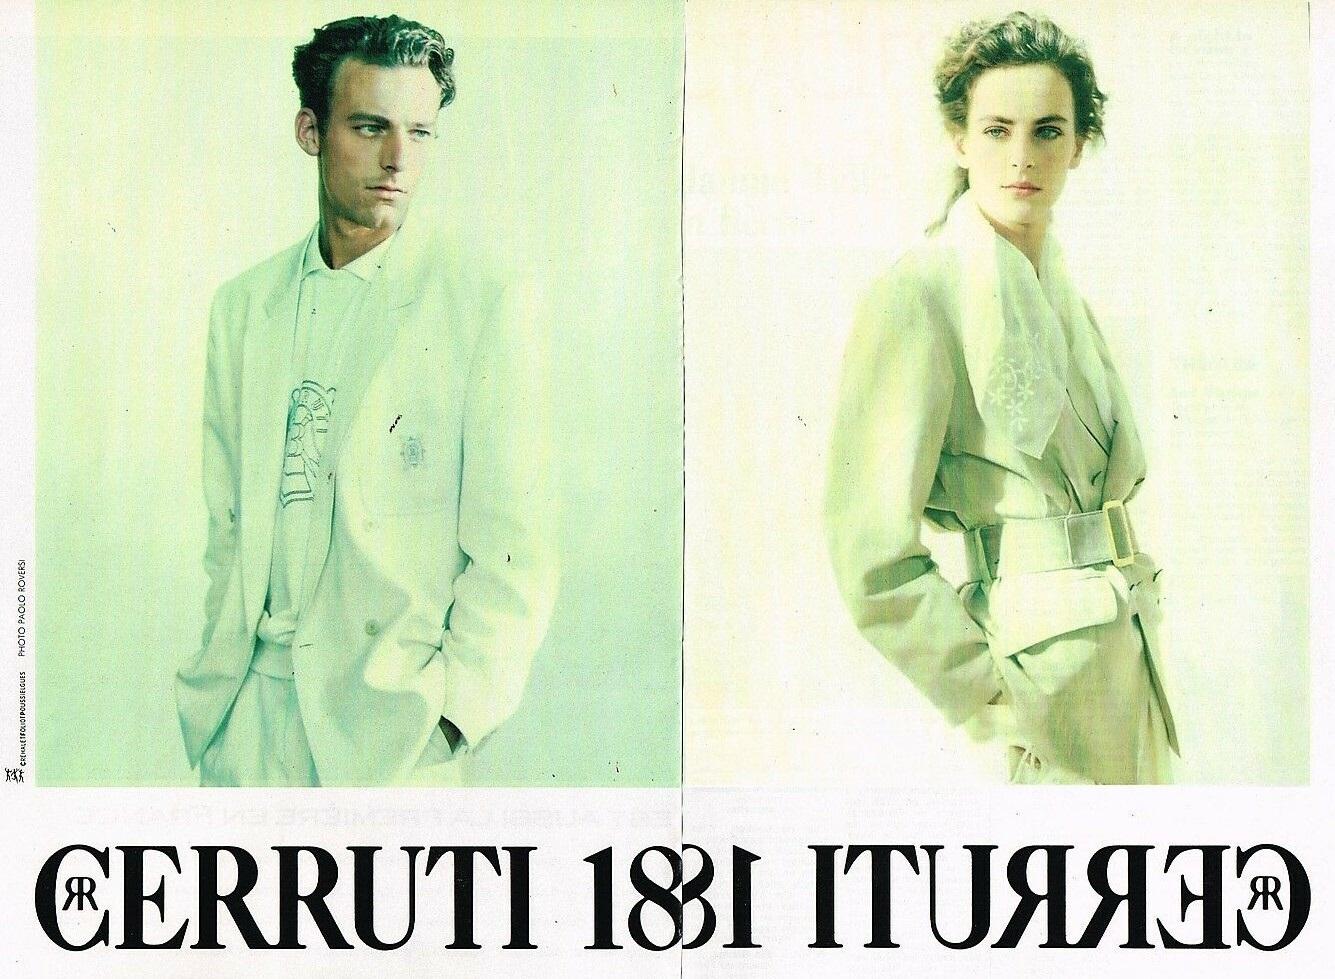 1989 Cerruti 1881 A2 inverse